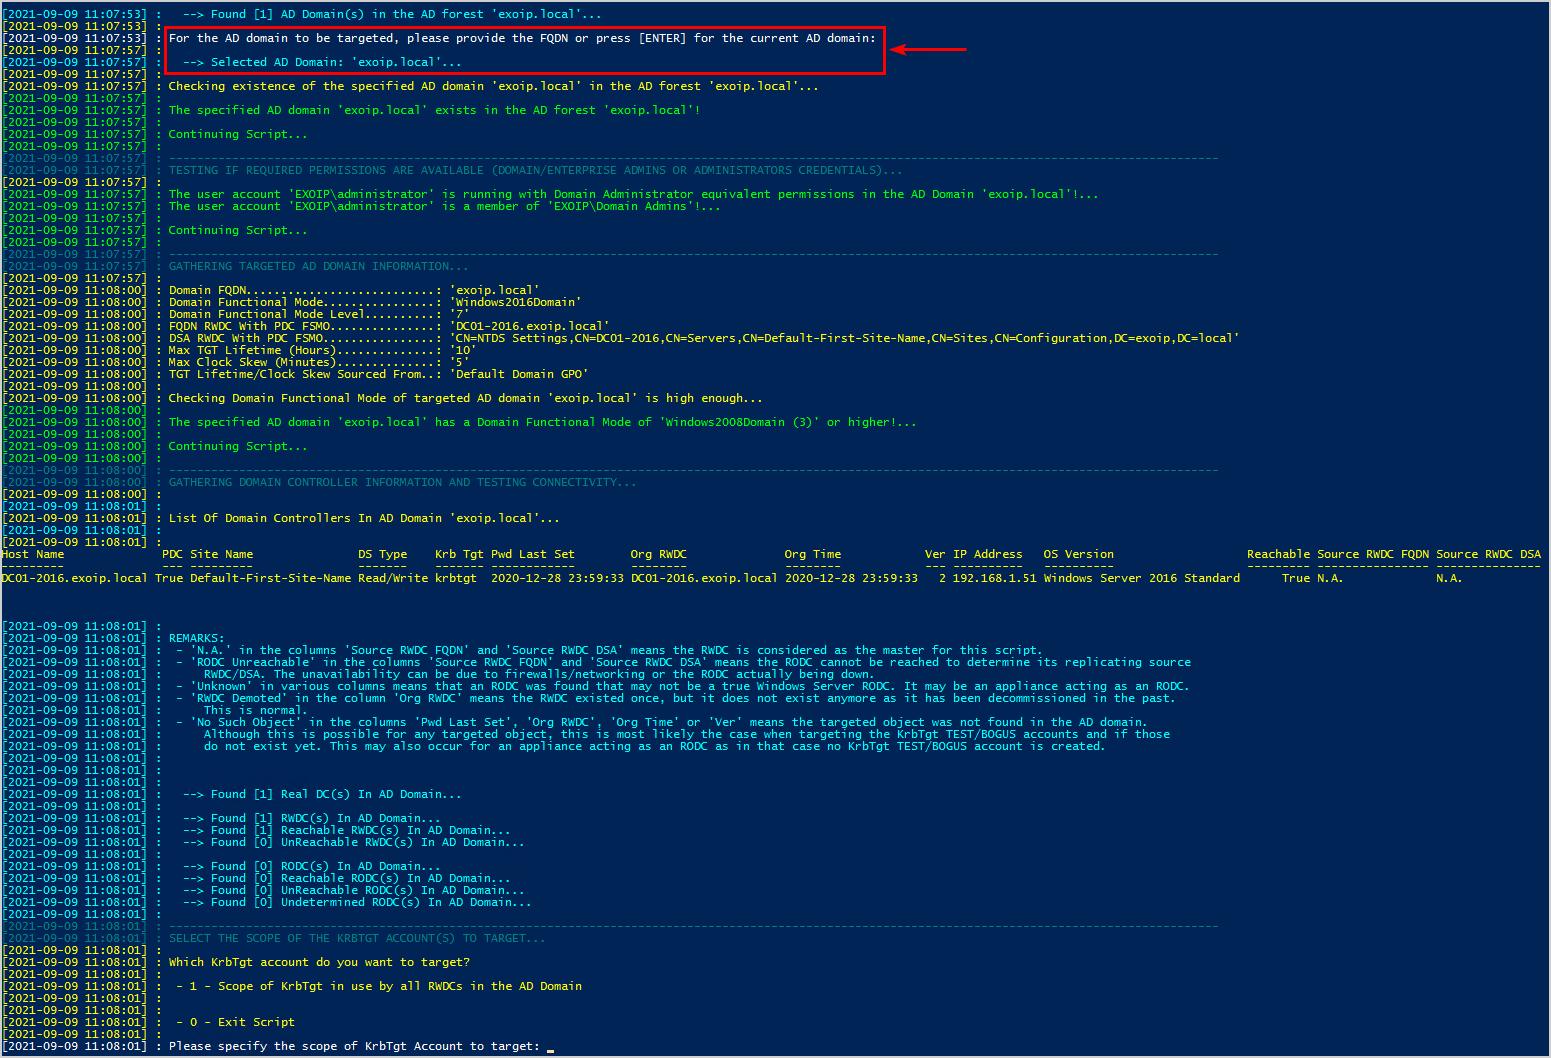 KRBTGT account password reset script step 4